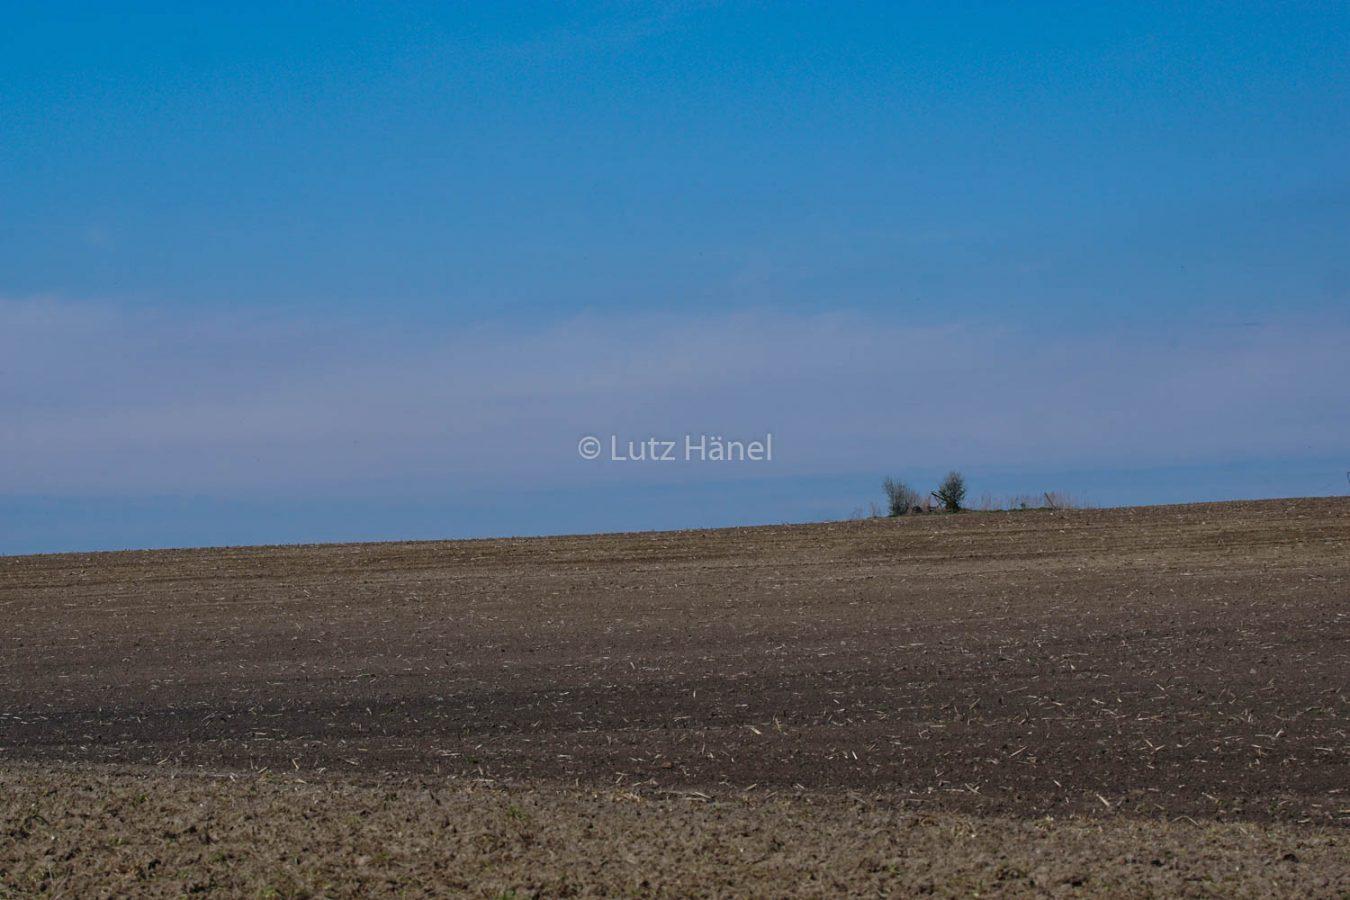 Löwenzahnpfad umgeben von Feldern